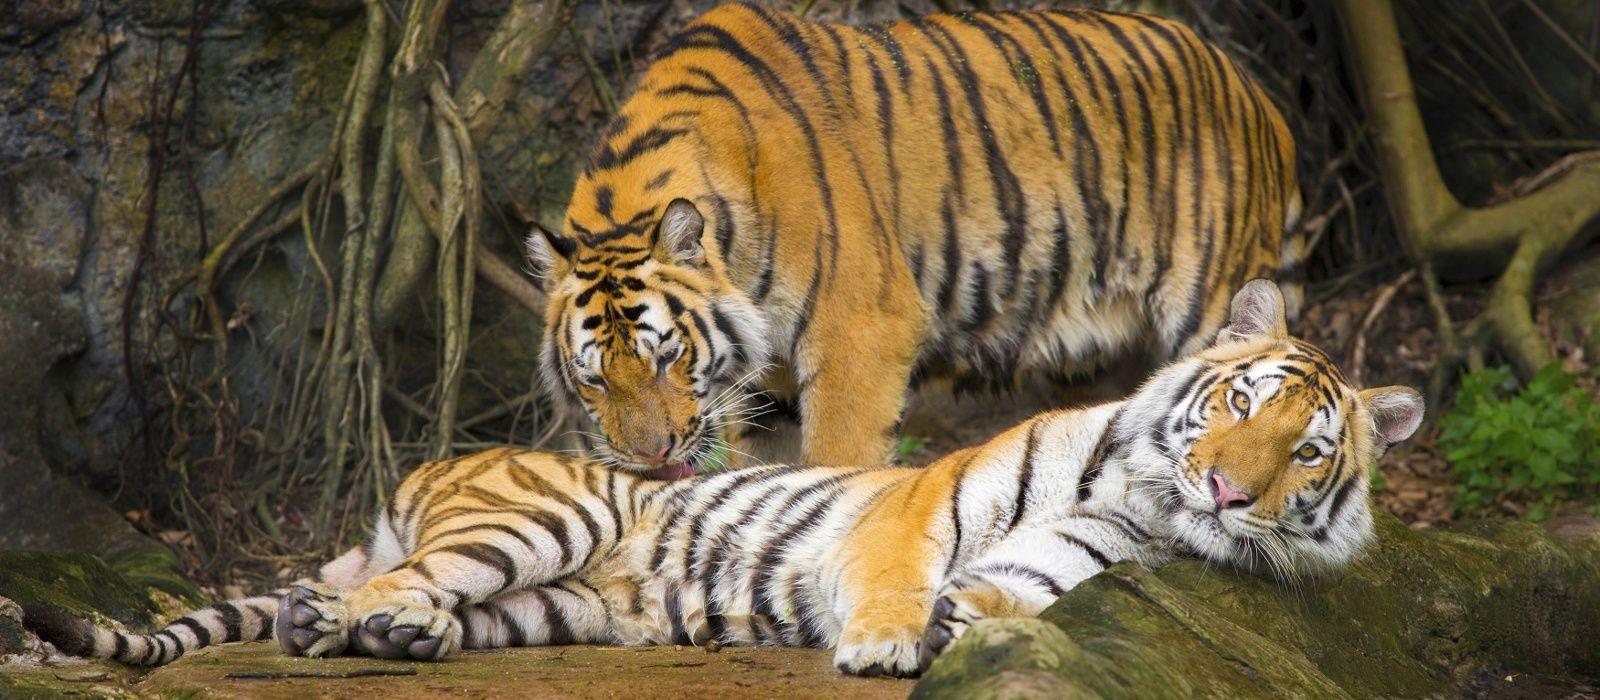 Südindien: Gewürzduft und Artenvielfalt Urlaub 1